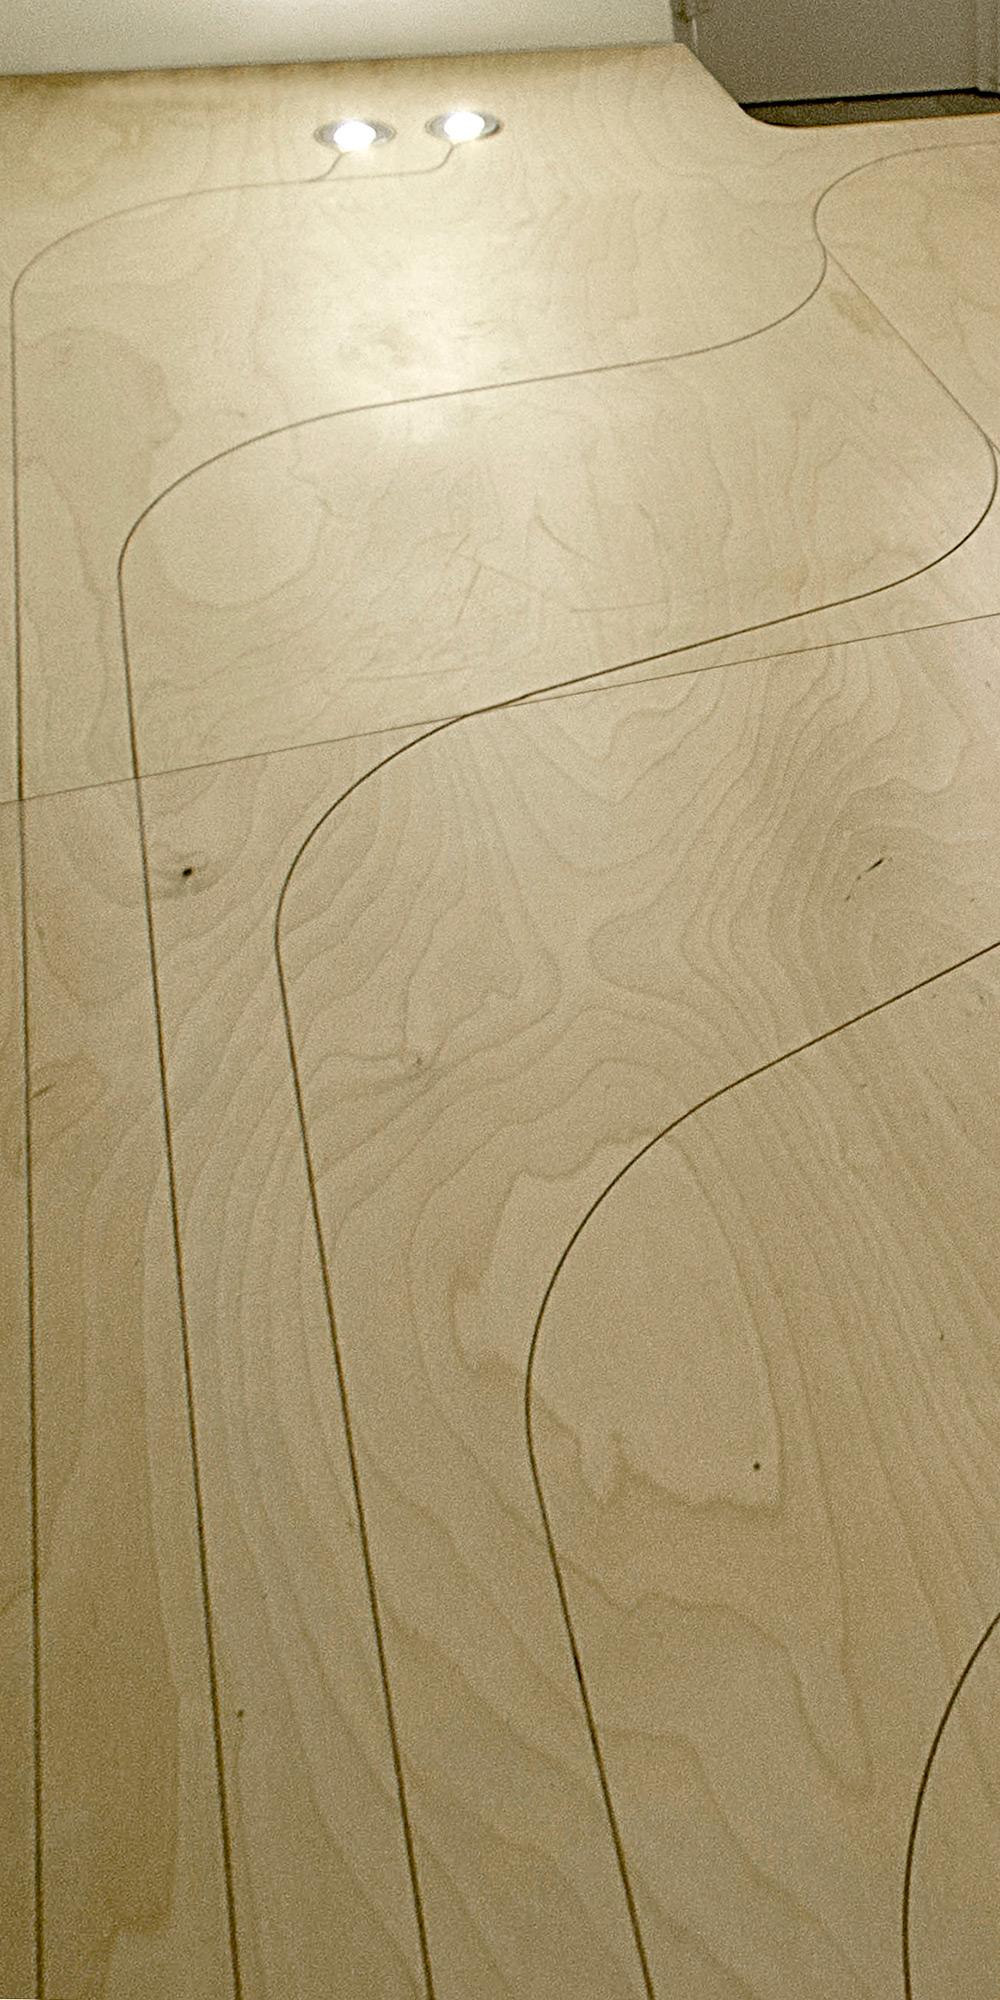 Dettaglio della finitura del pavimento in multistrato di Betulla. La superficie libera è stata incisa come se si trattasse di un tappeto. La trama continua si sviluppa addensandosi e diradandosi sul piano  }